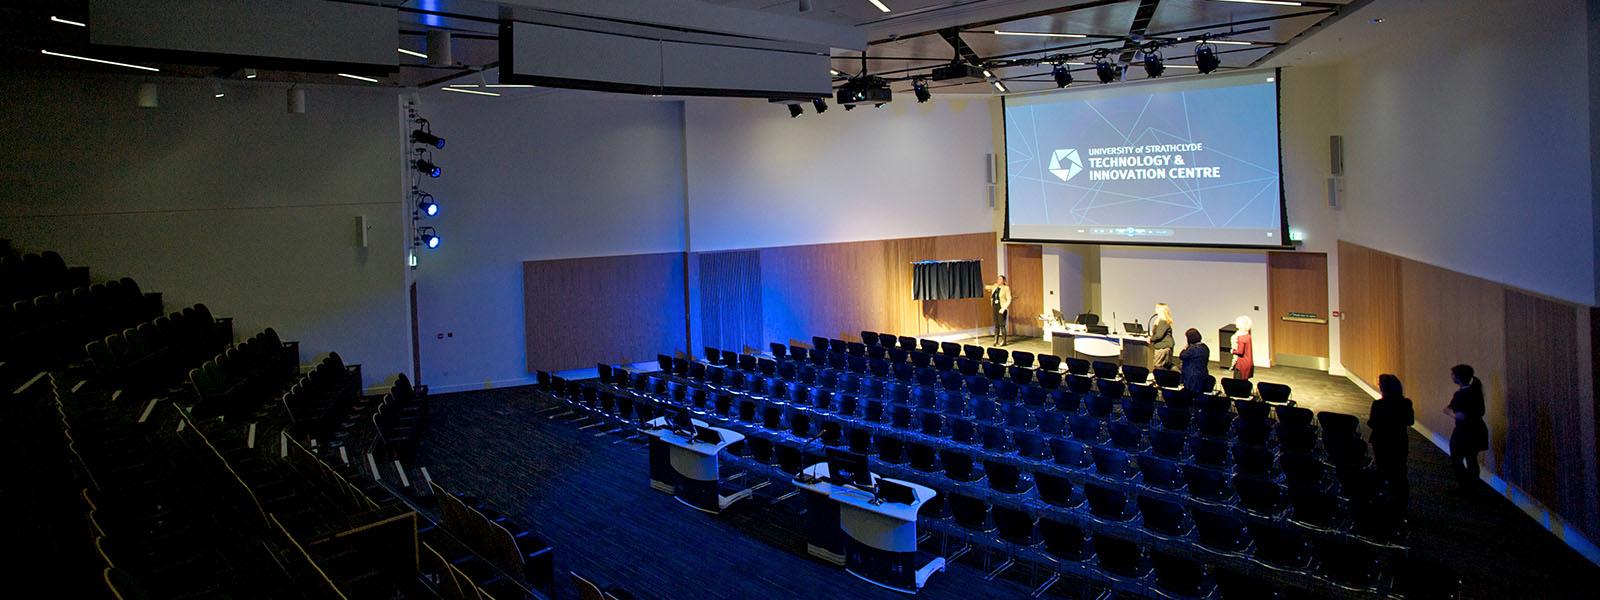 TIC_Main_Auditorium_1600x600.jpg